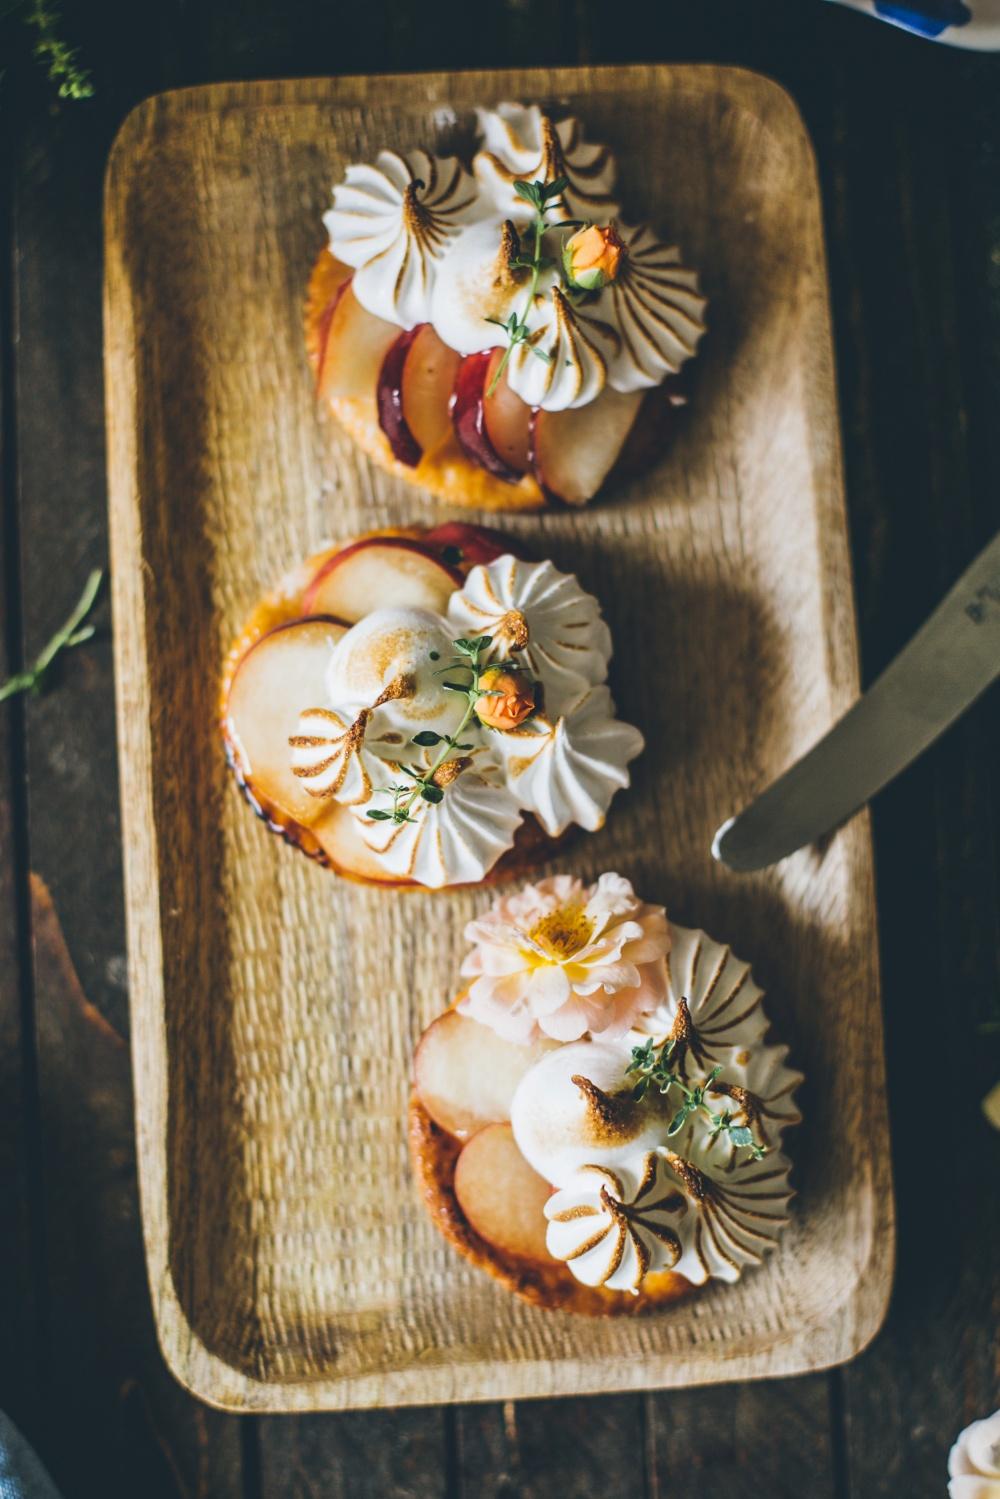 dessert-tarte-foodstyling-9T7A4766